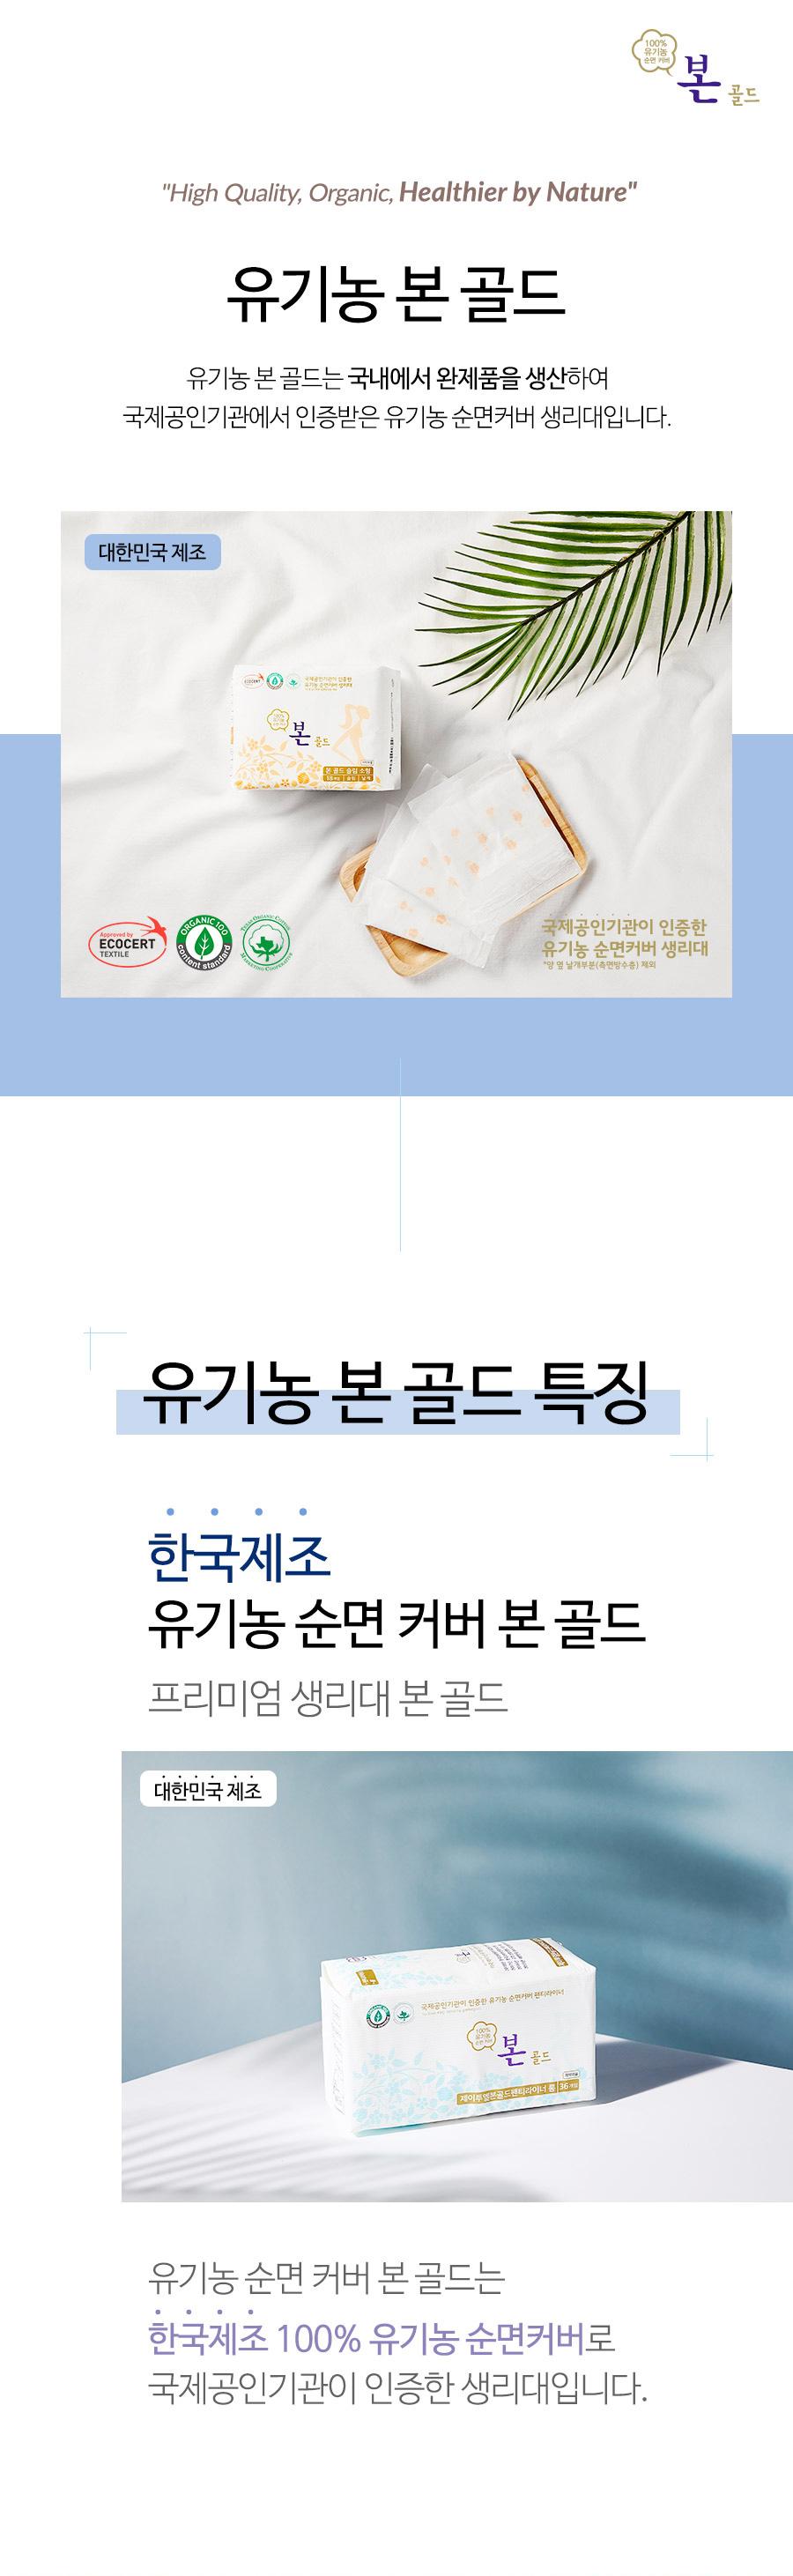 본골드-상세페이지_01.jpg